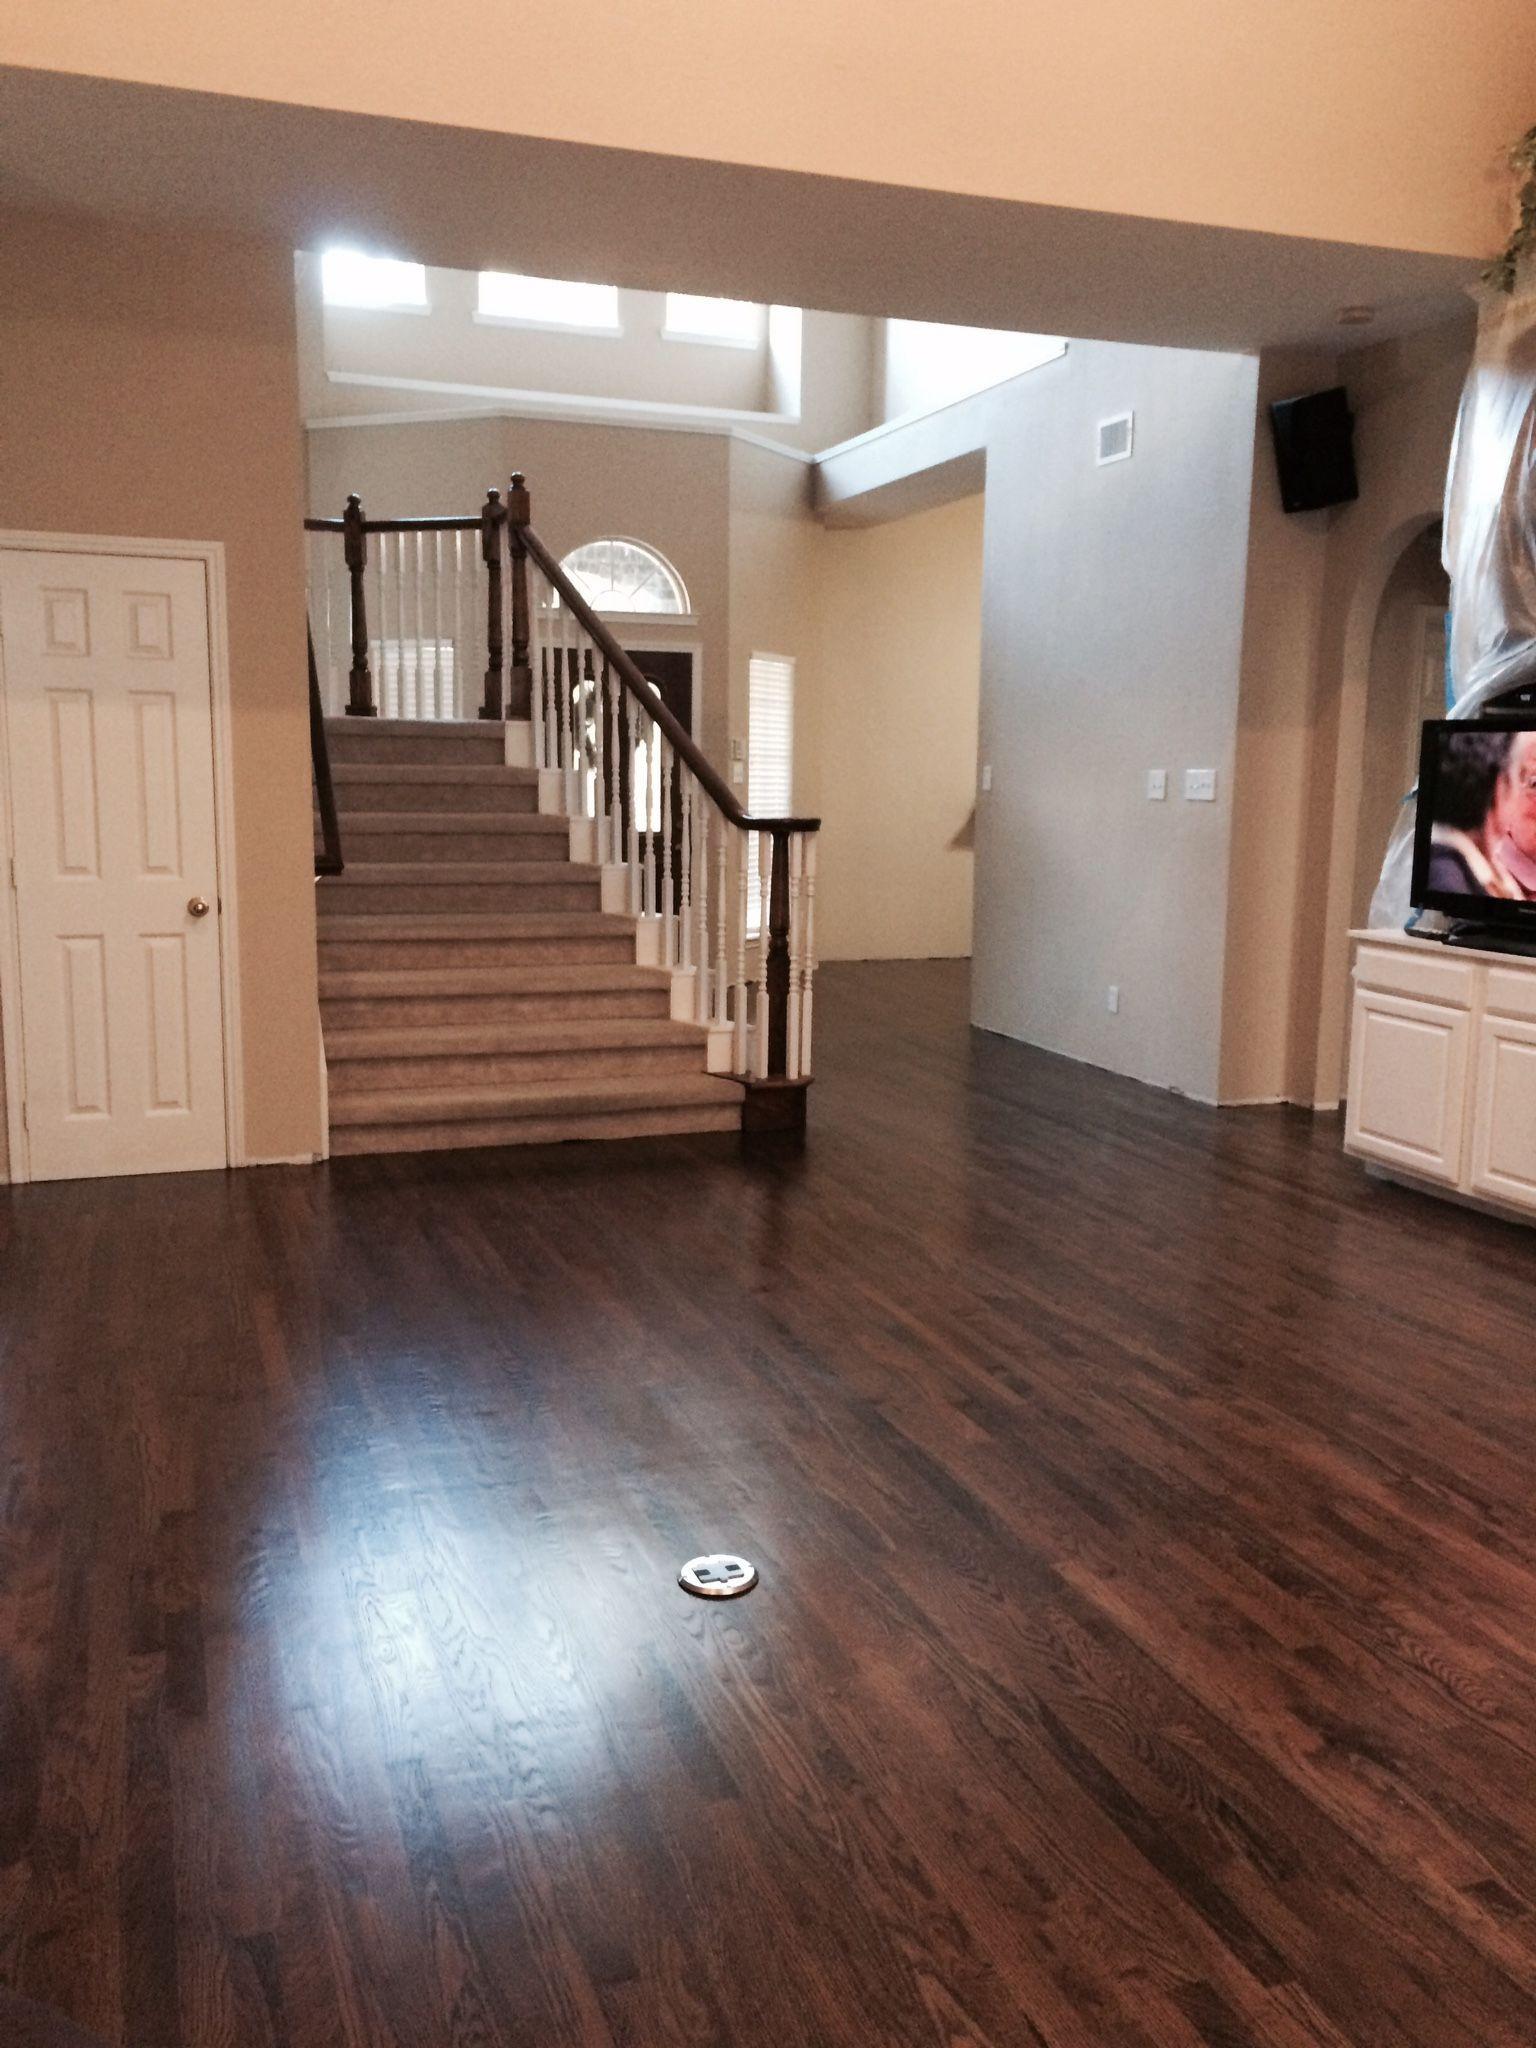 a hardwood floors denver of dark walnut stain on white oak hardwood remodel 1floors in 2018 for dark walnut stain on white oak hardwood walnut hardwood flooring hardwood floor stain colors